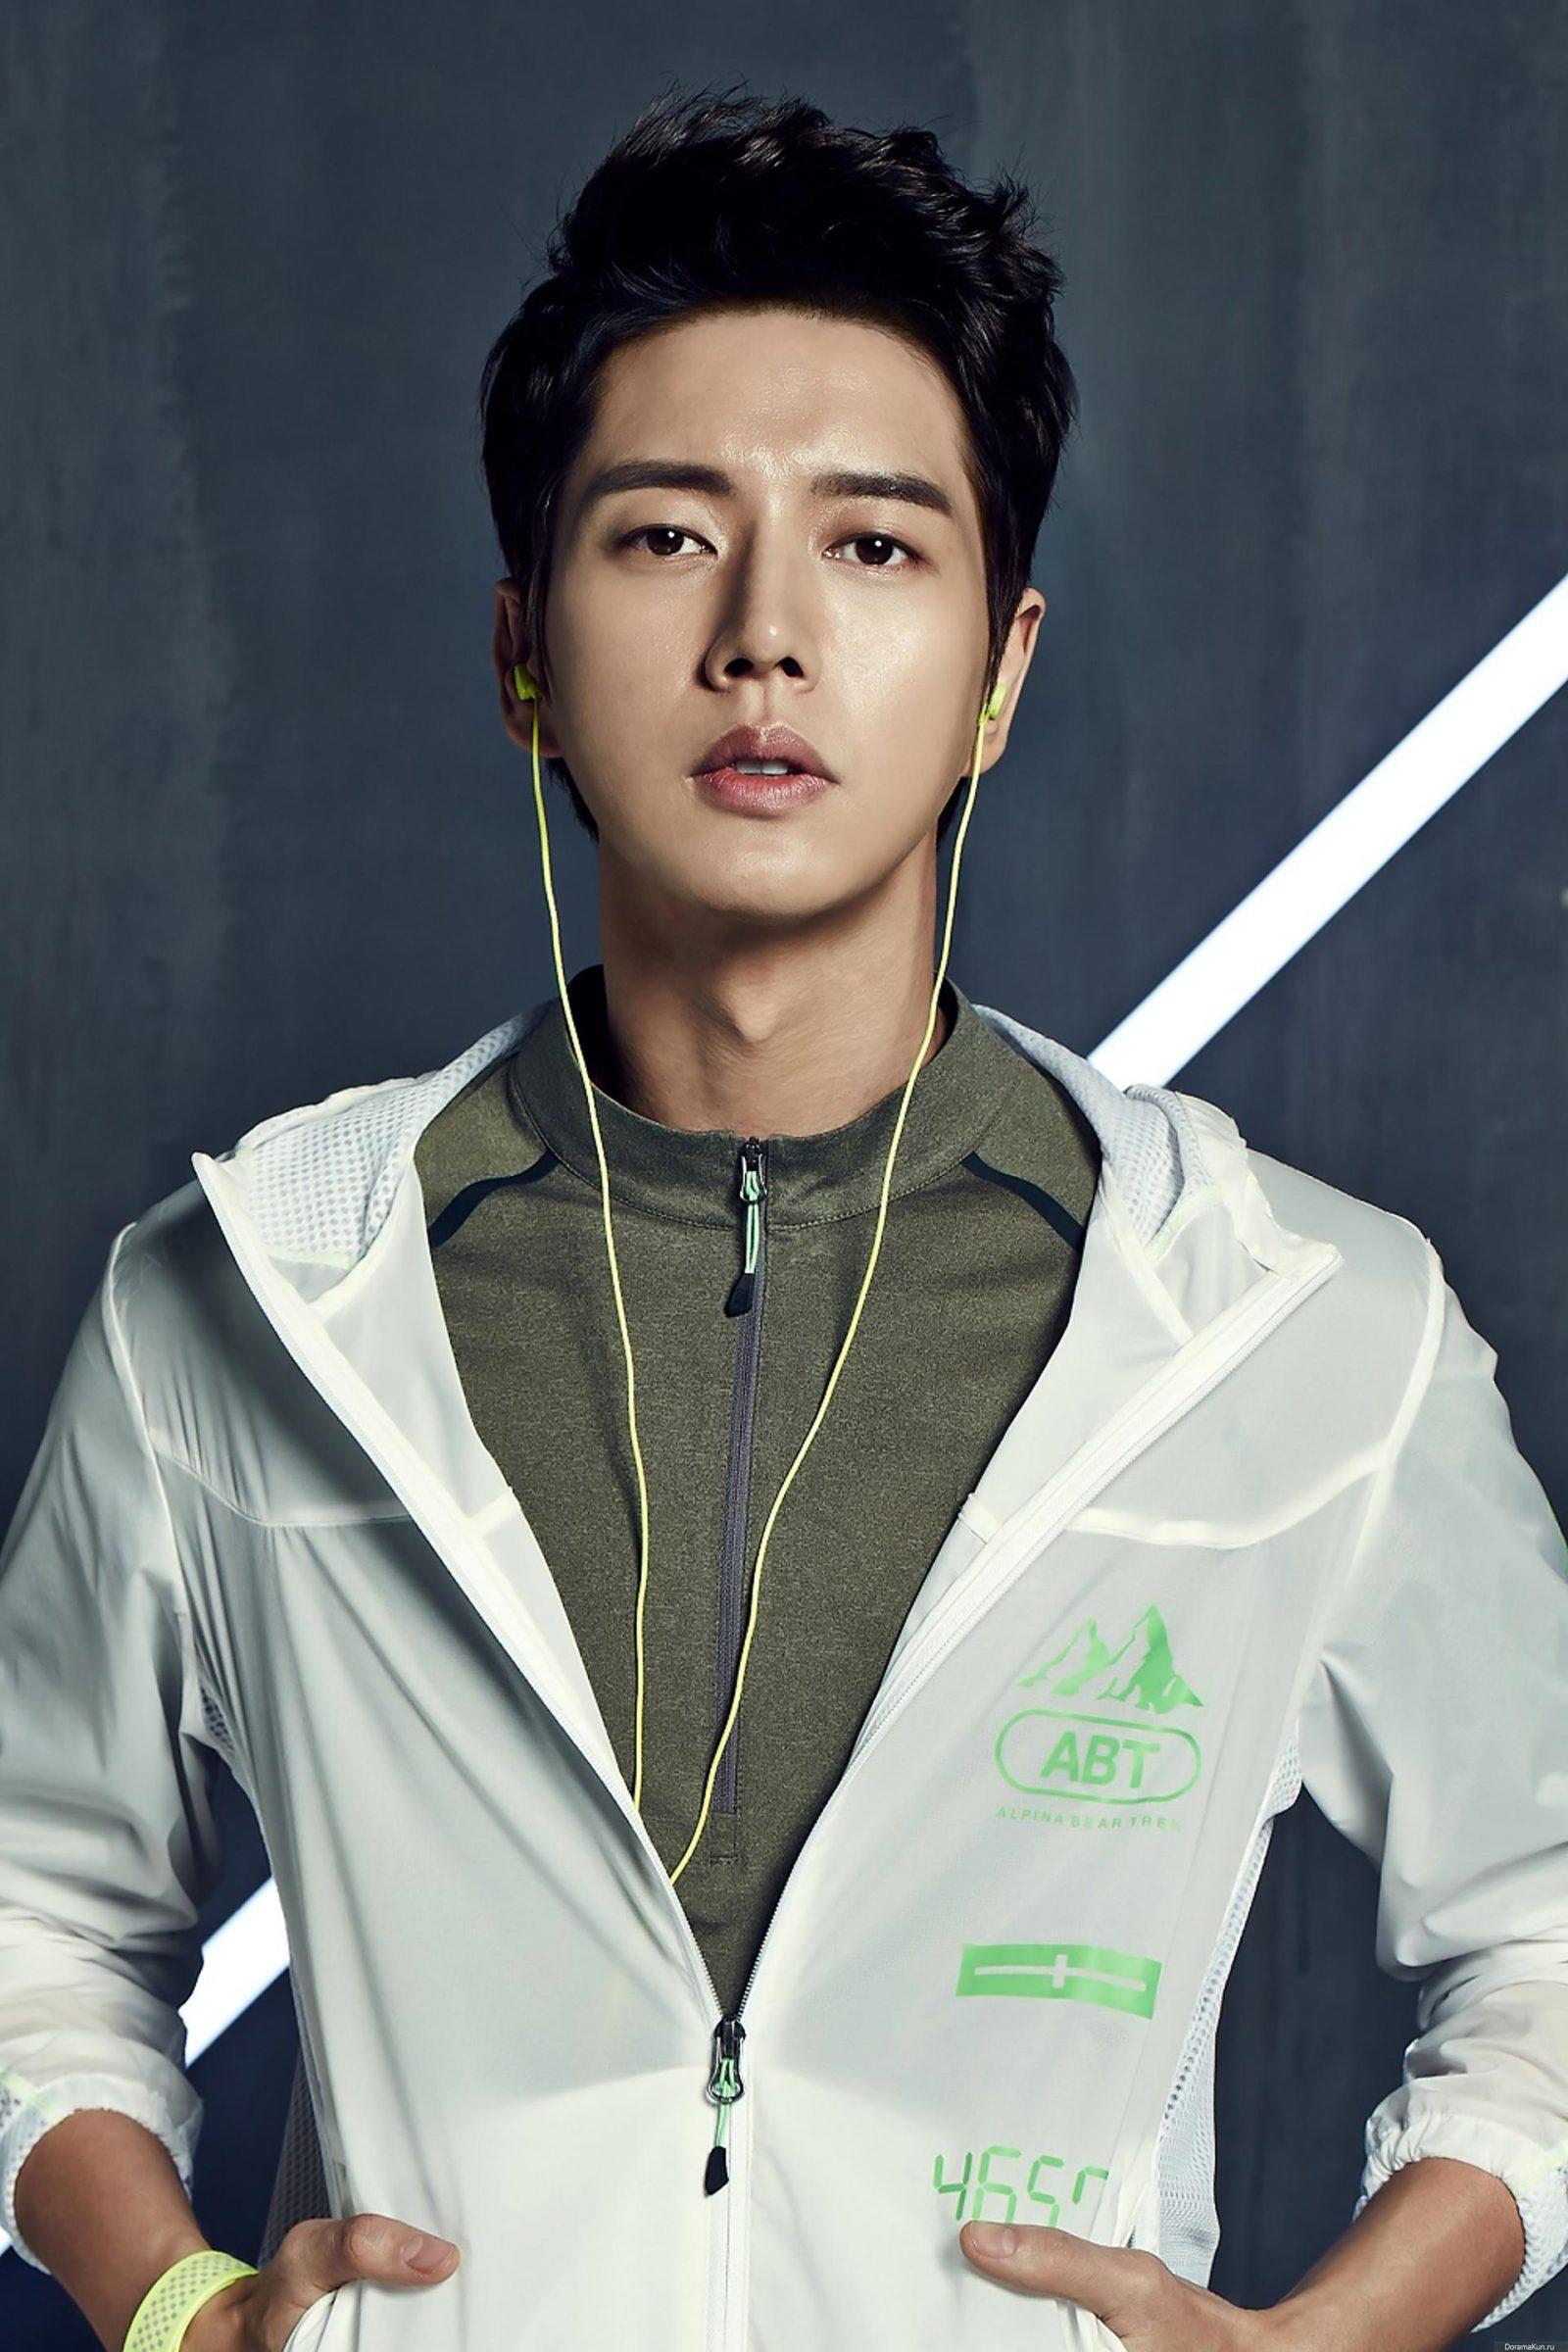 Самые сексуальные актеры кореи мужчины